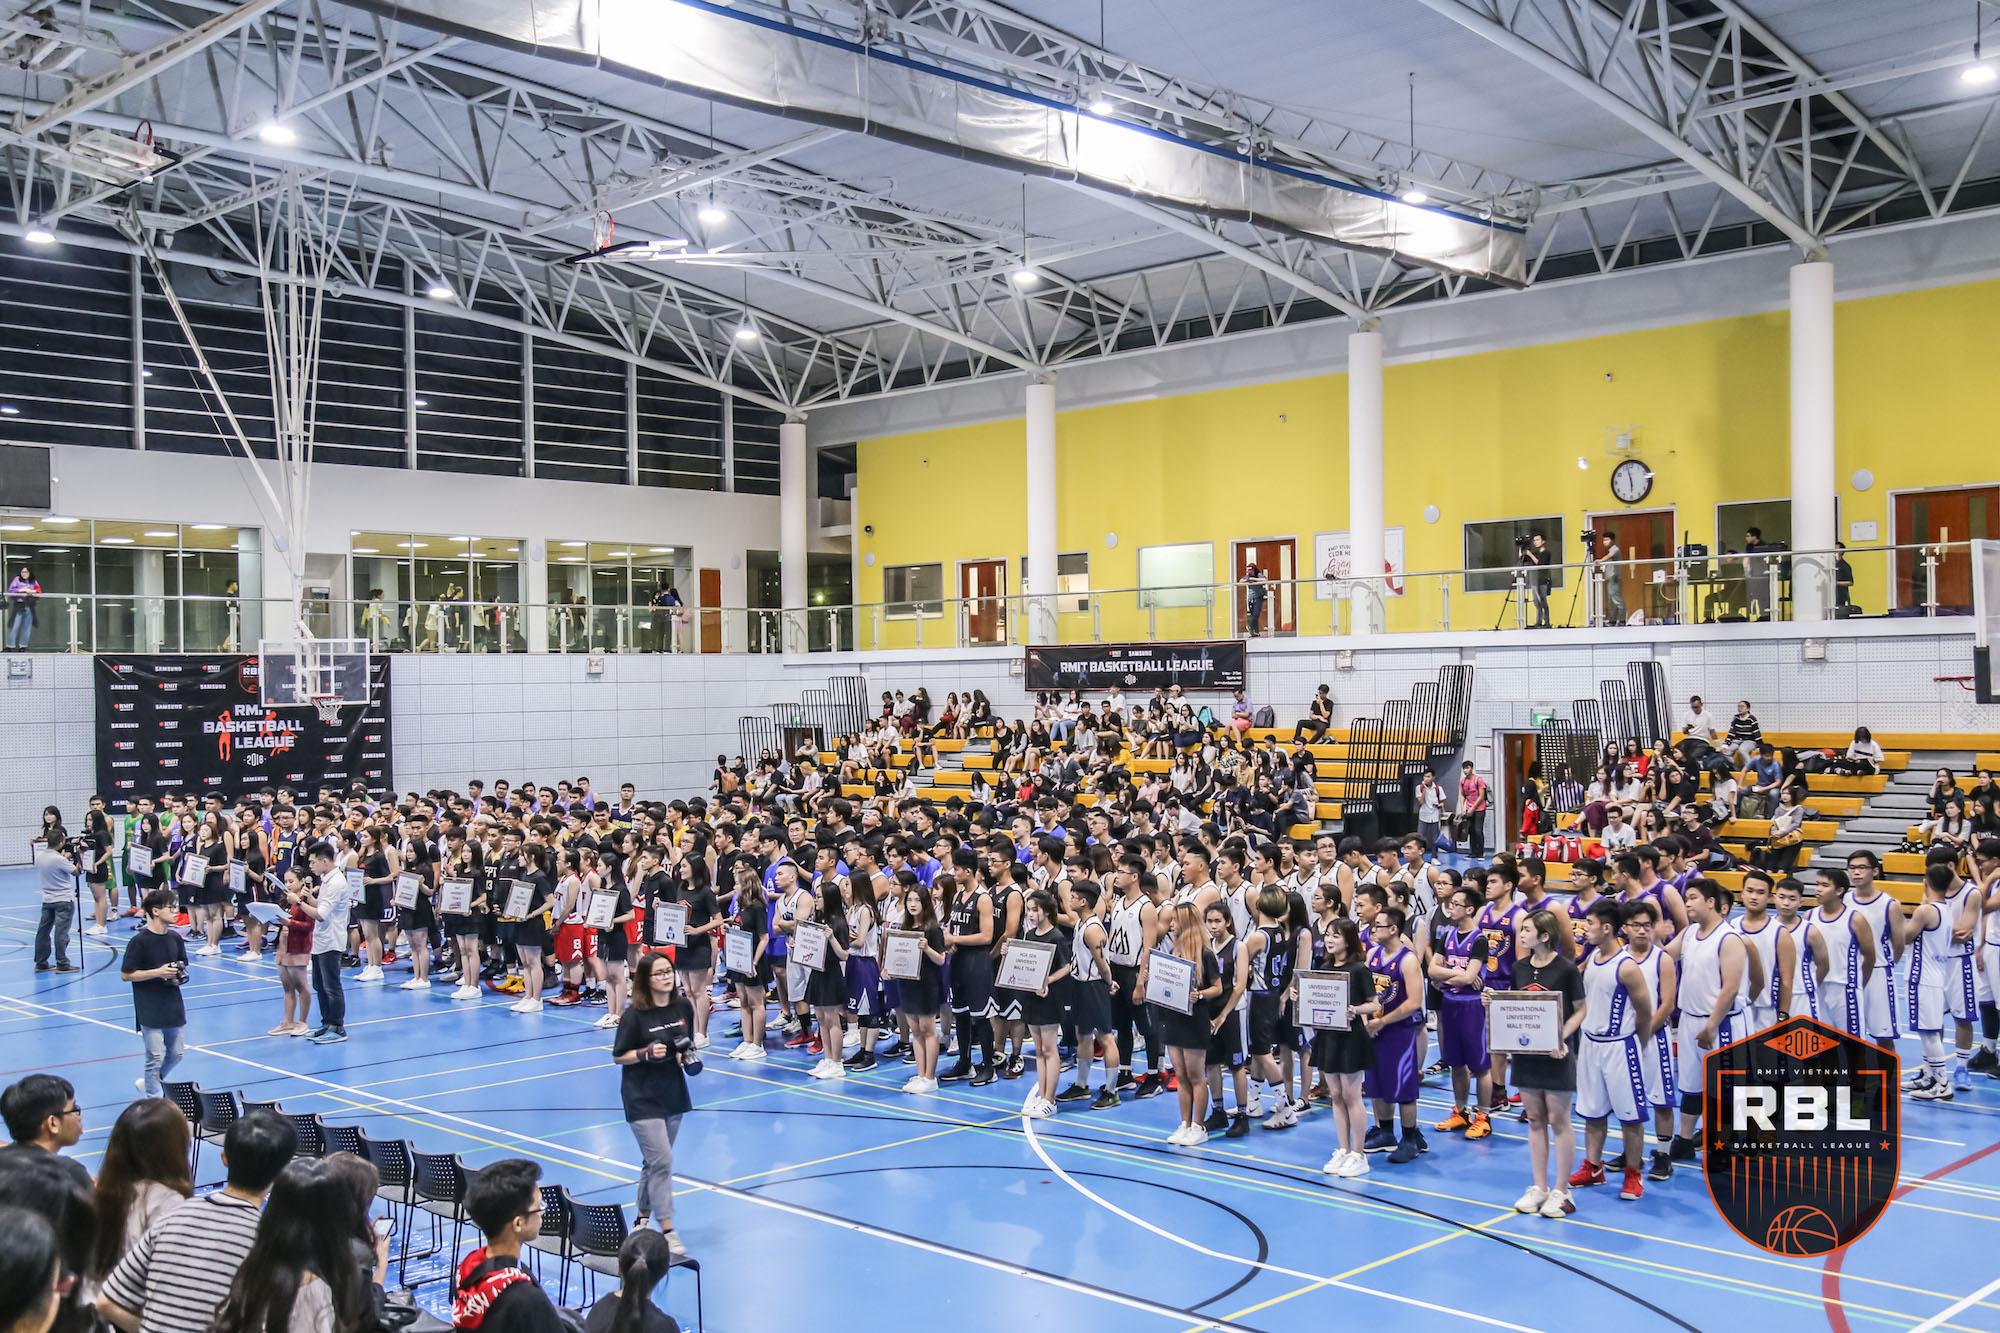 Đội chủ nhà RMIT thắng đậm tại lễ khai mạc giải bóng rổ truyền thống hàng năm - Ảnh 1.